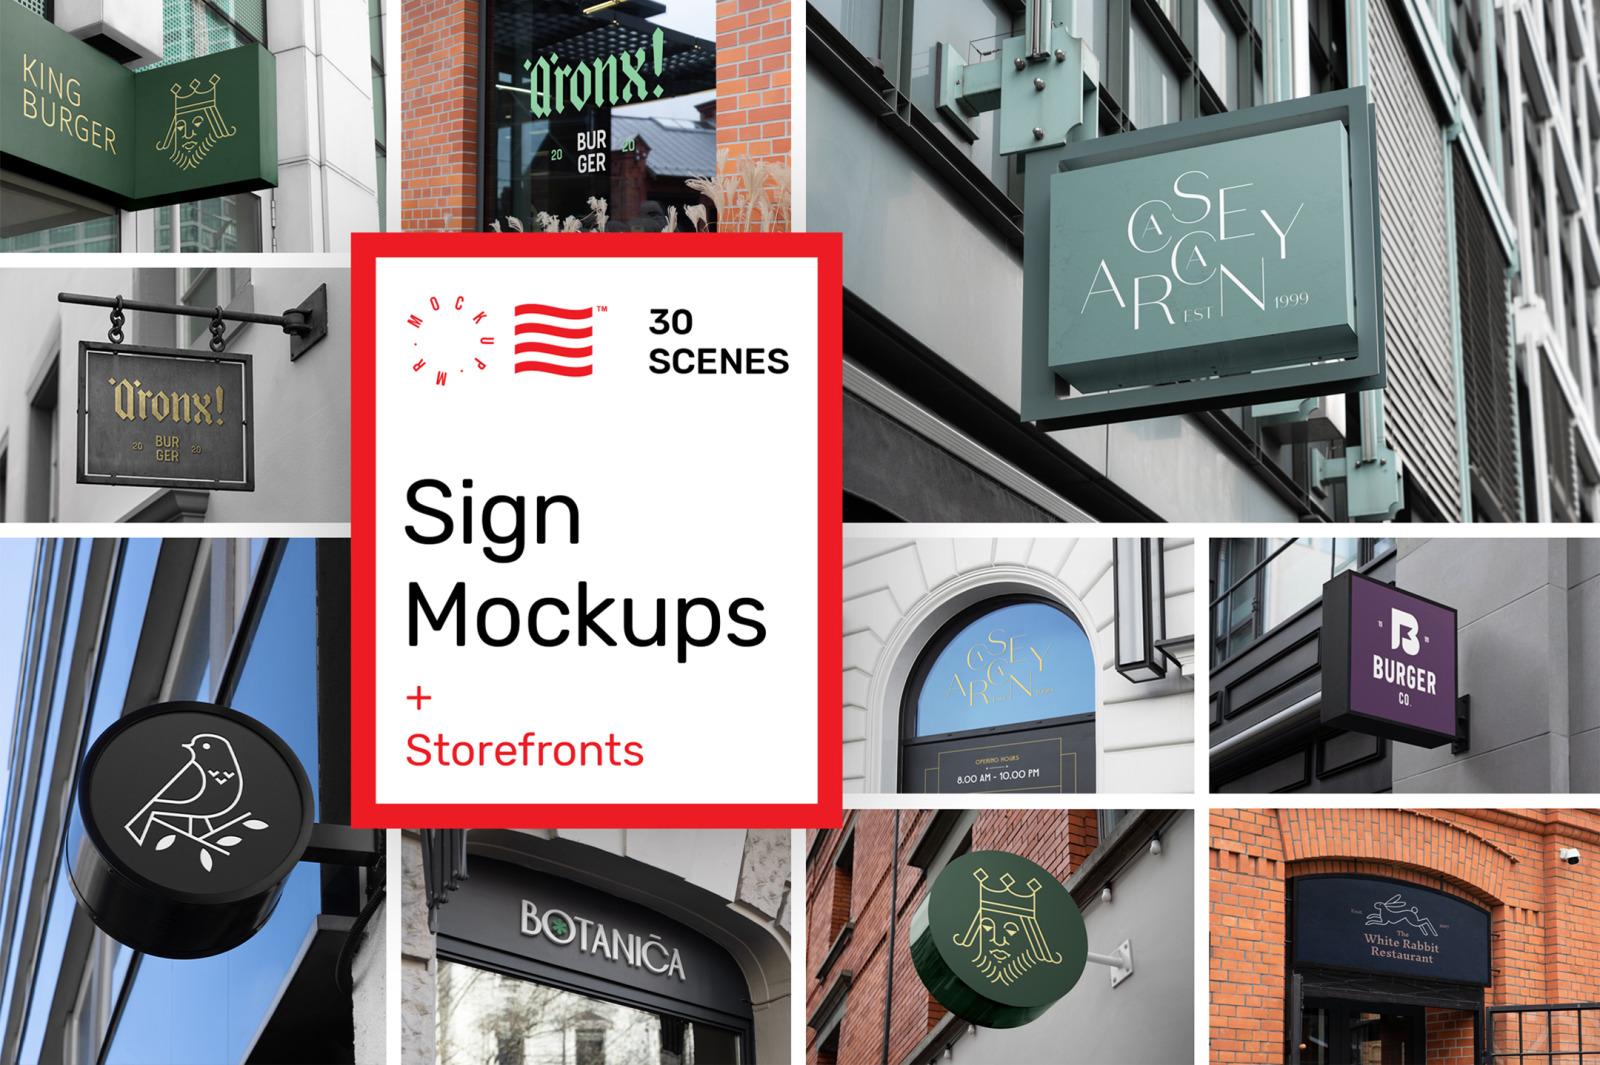 Sign Mockups and Storefront Mockups